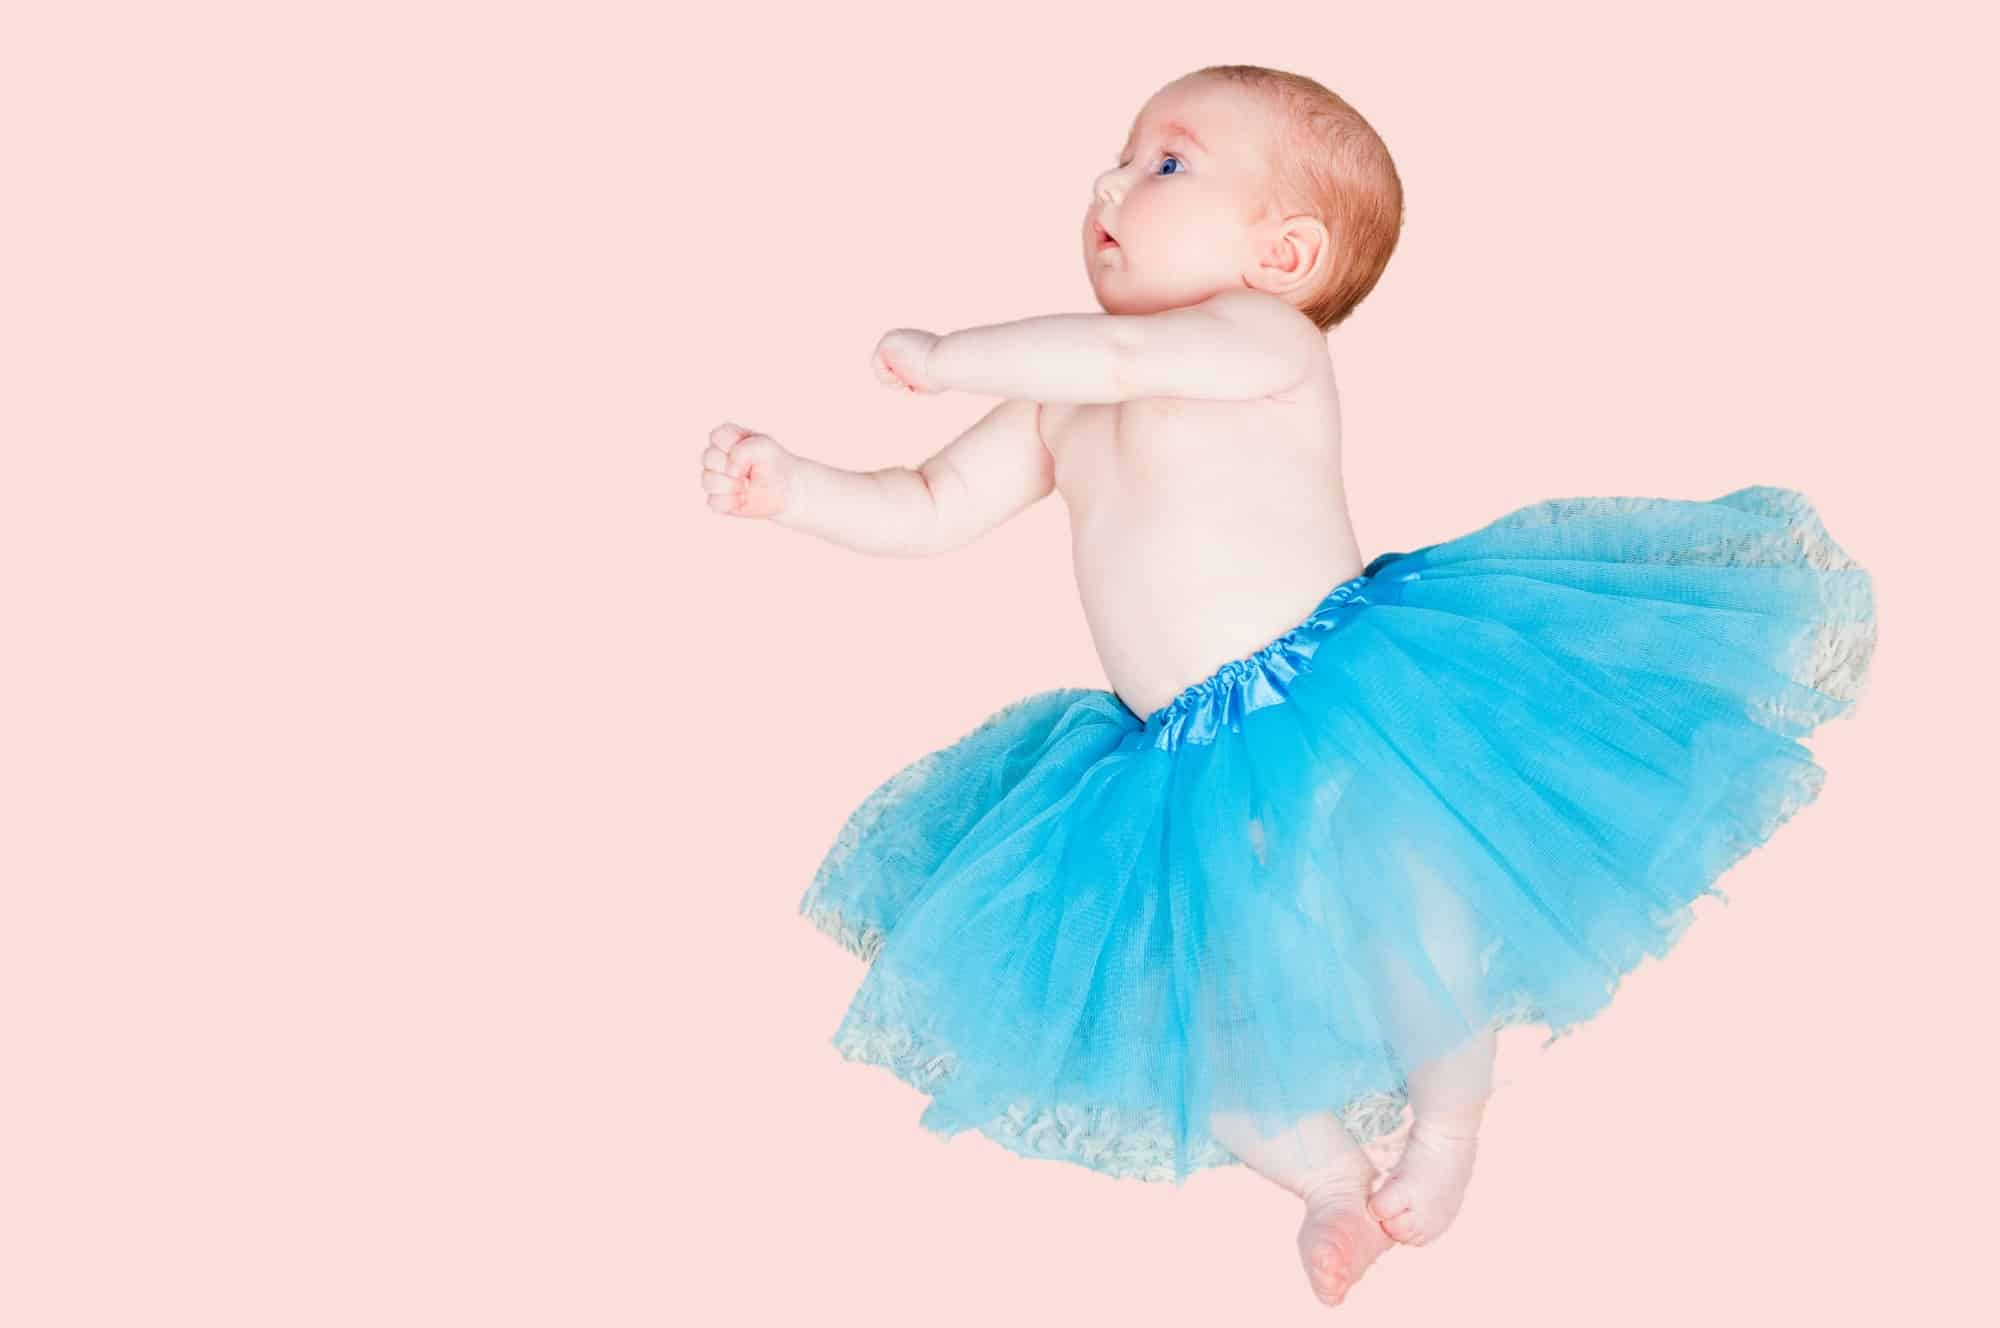 graceful baby girl